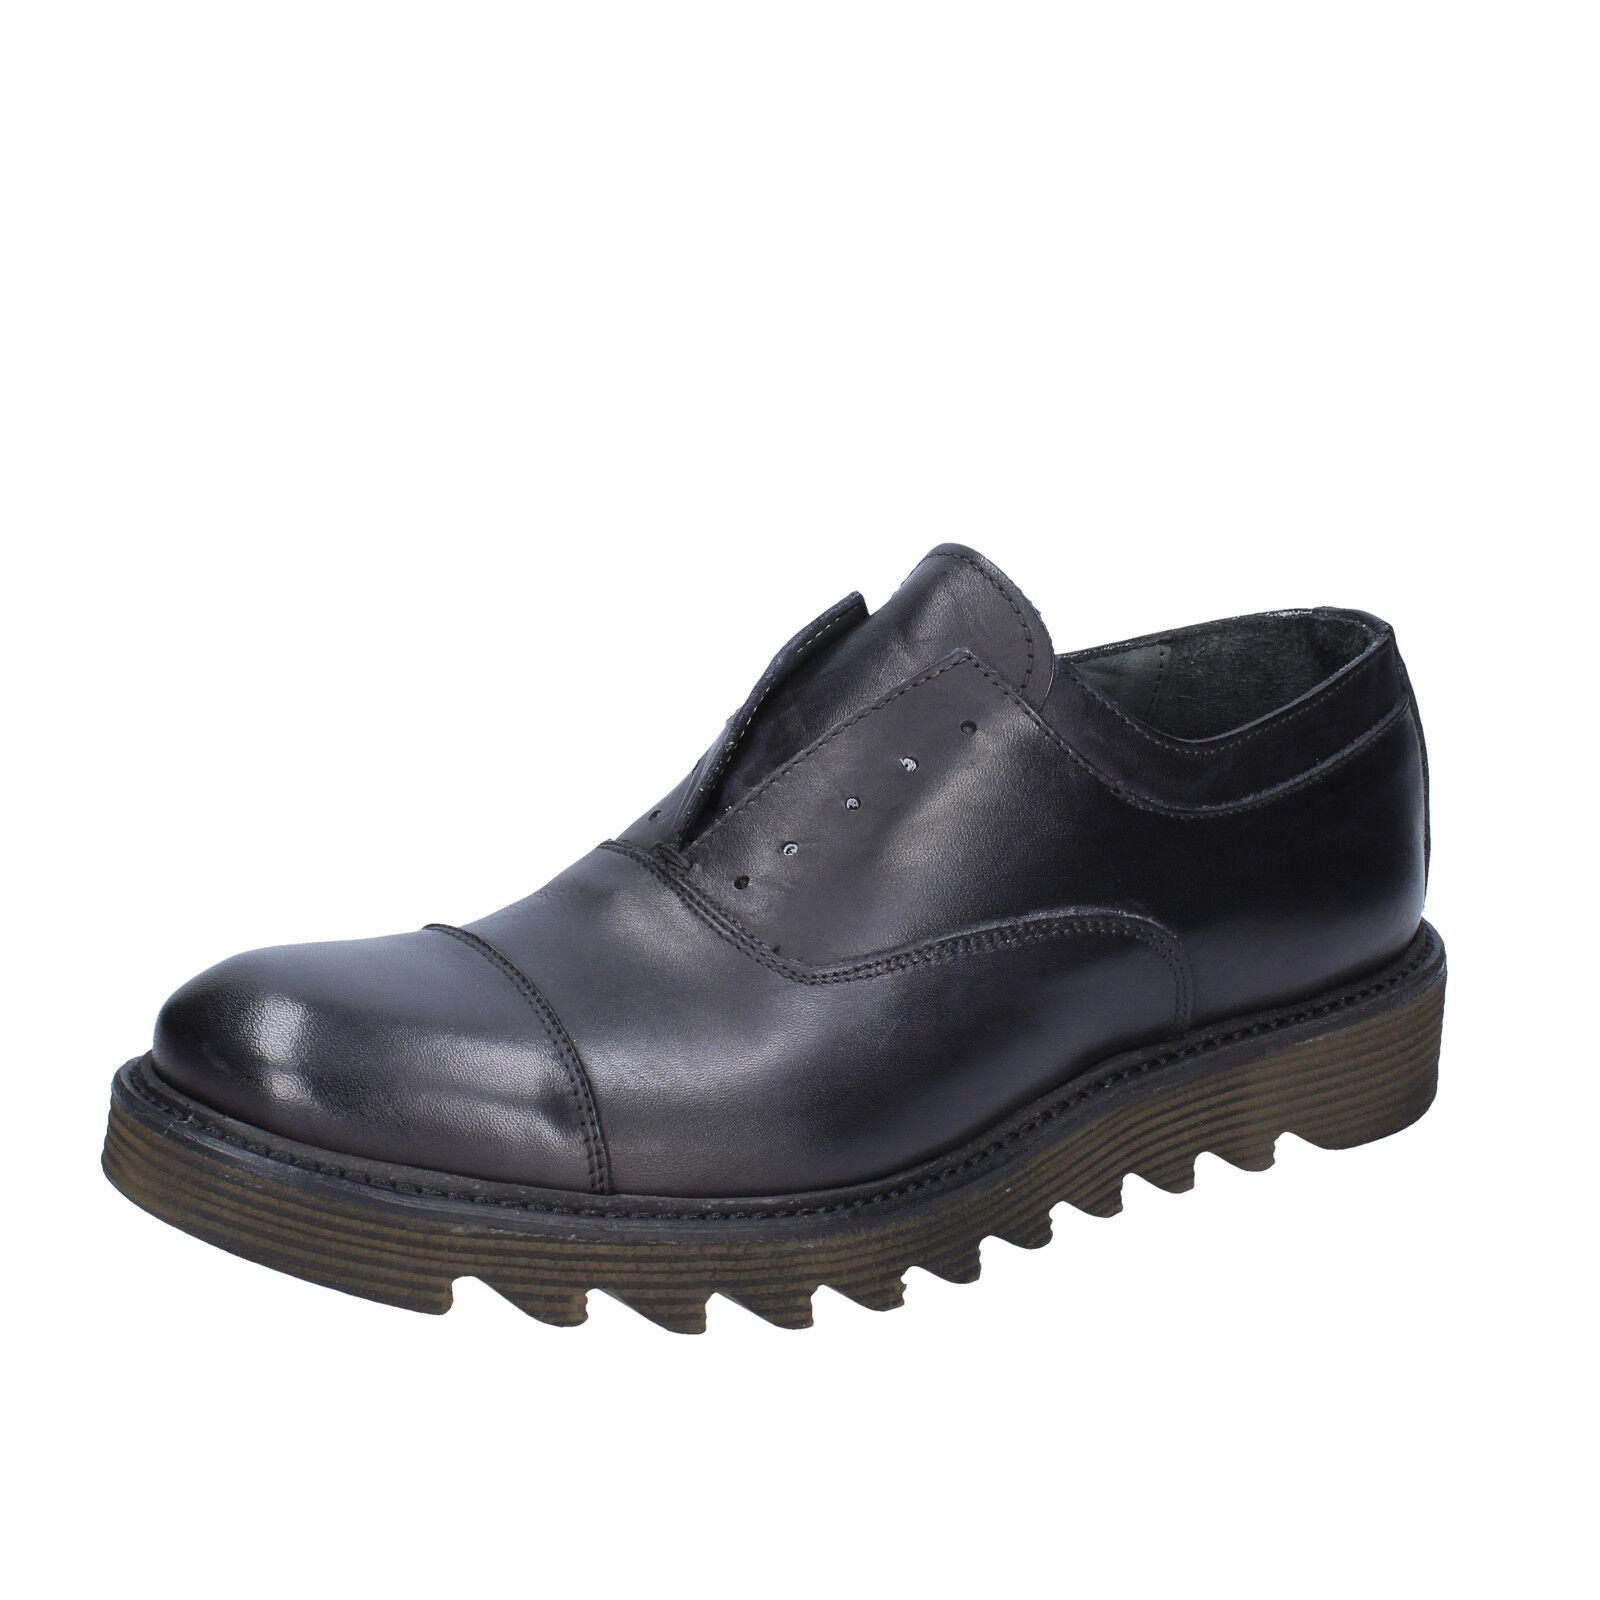 Scarpe uomo +2 nero MADE IN ITALY 44 EU classiche nero +2 pelle BX429-44 be7652